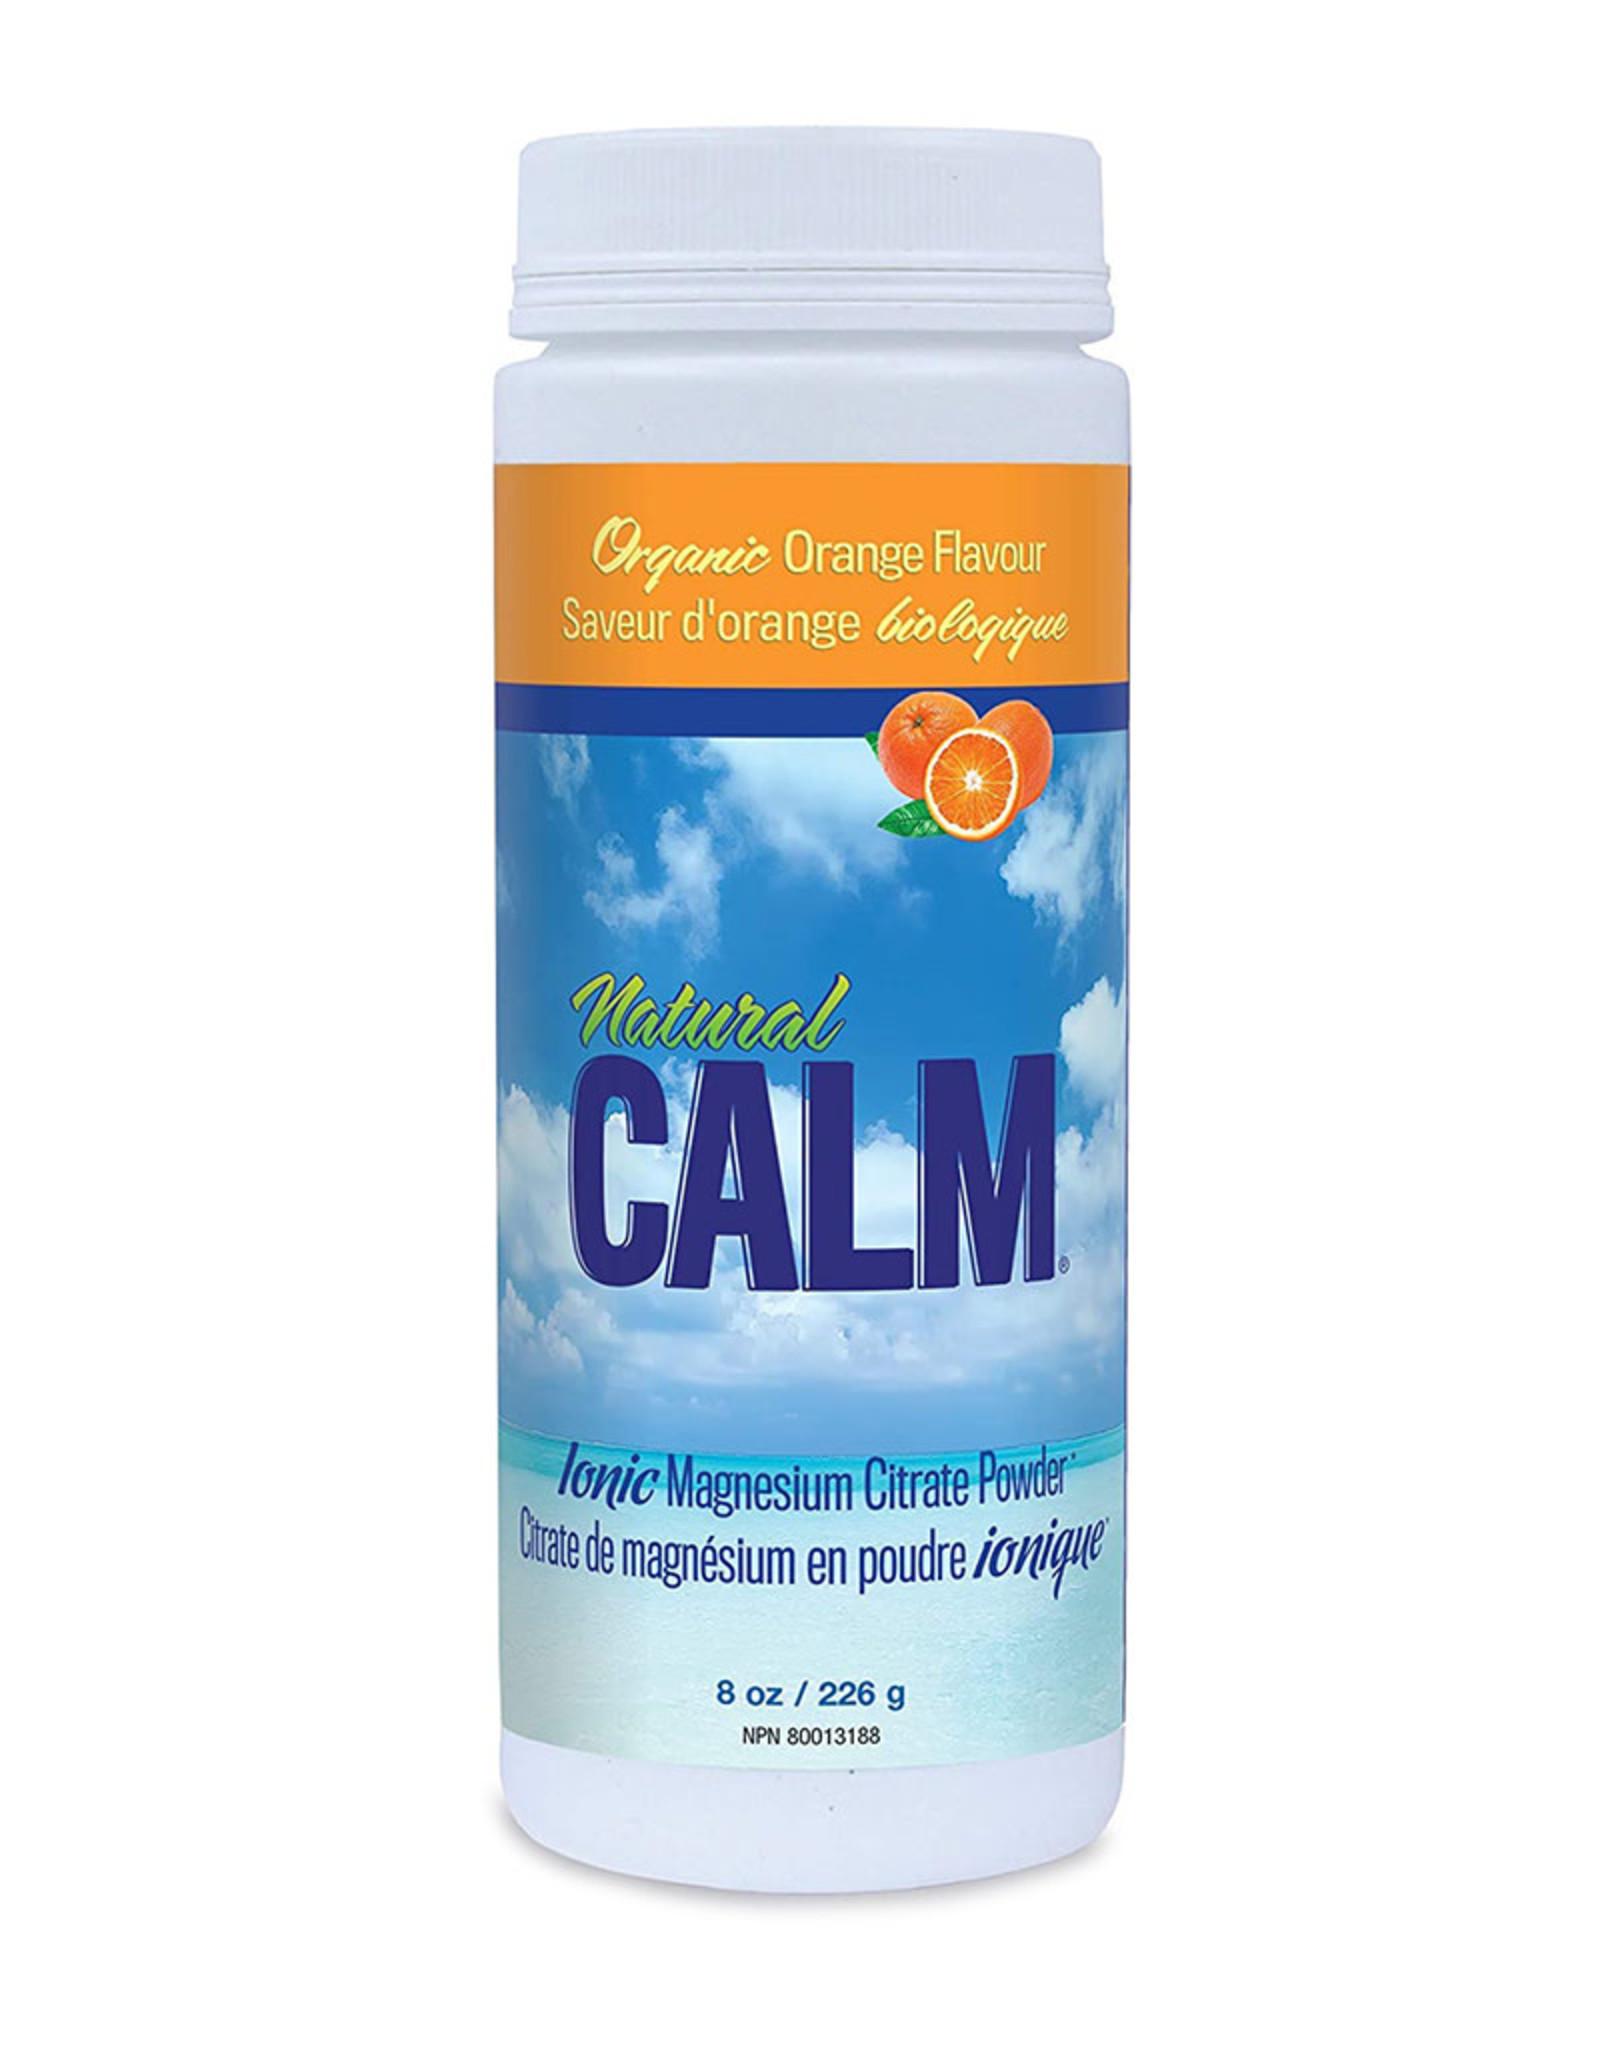 Natural Calm Canada Natural Calm - Magnesium, Orange (226g)